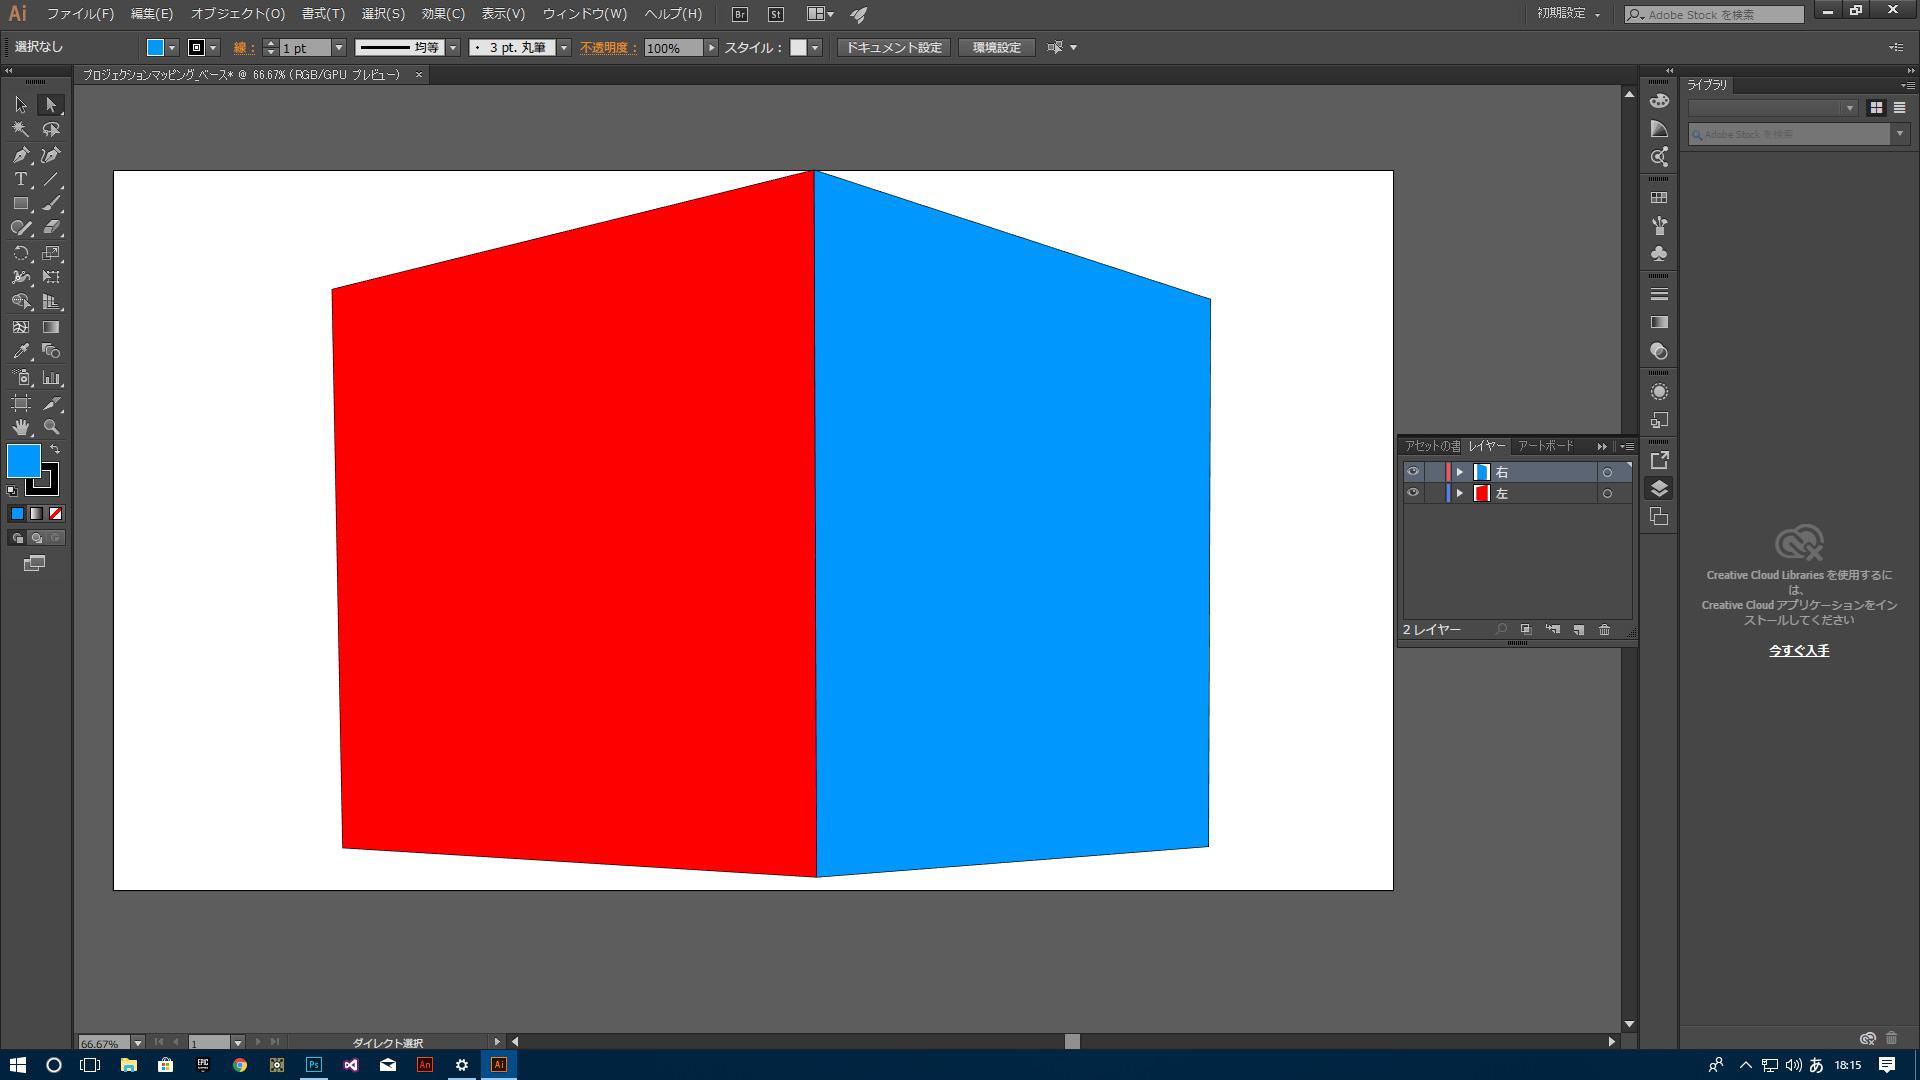 新たにレイヤーを作成し、名前を「右」にする、さらに色を青などに変更して右側もなぞる